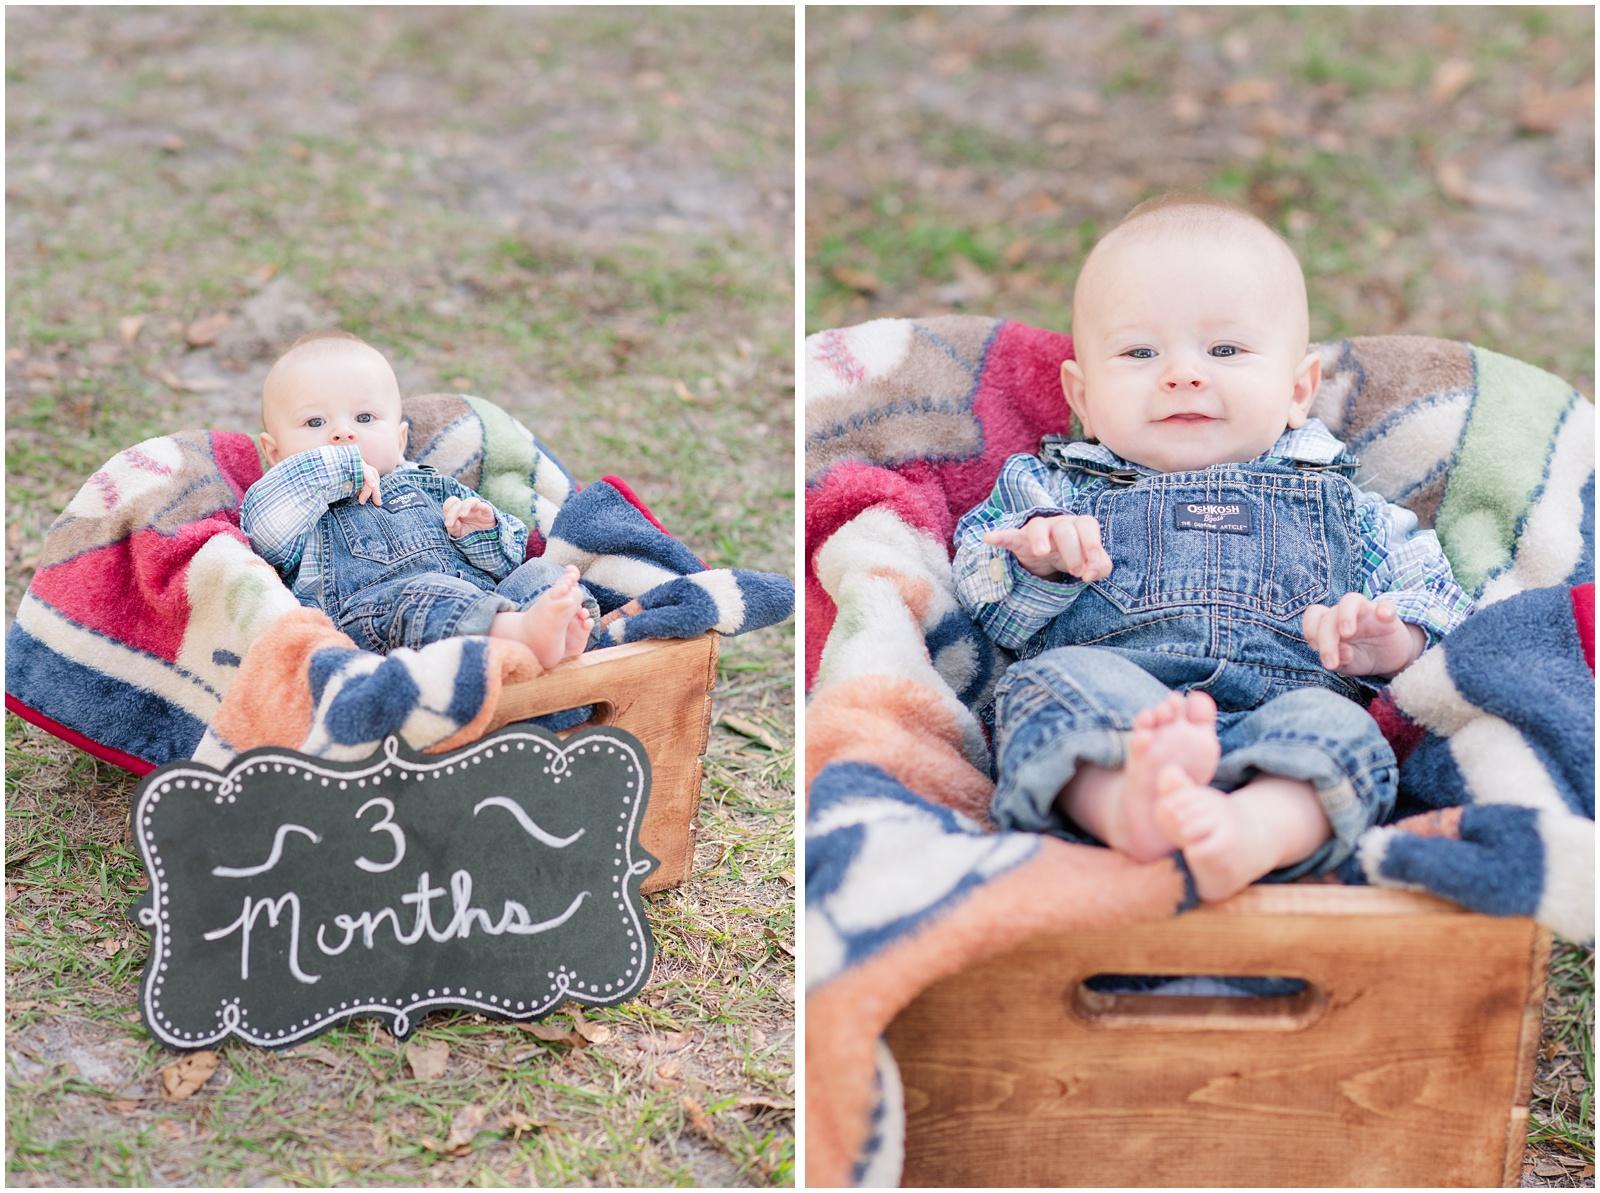 Newborn_Portraits_3 Months_Baby_Alpine Groves Park_4.jpg